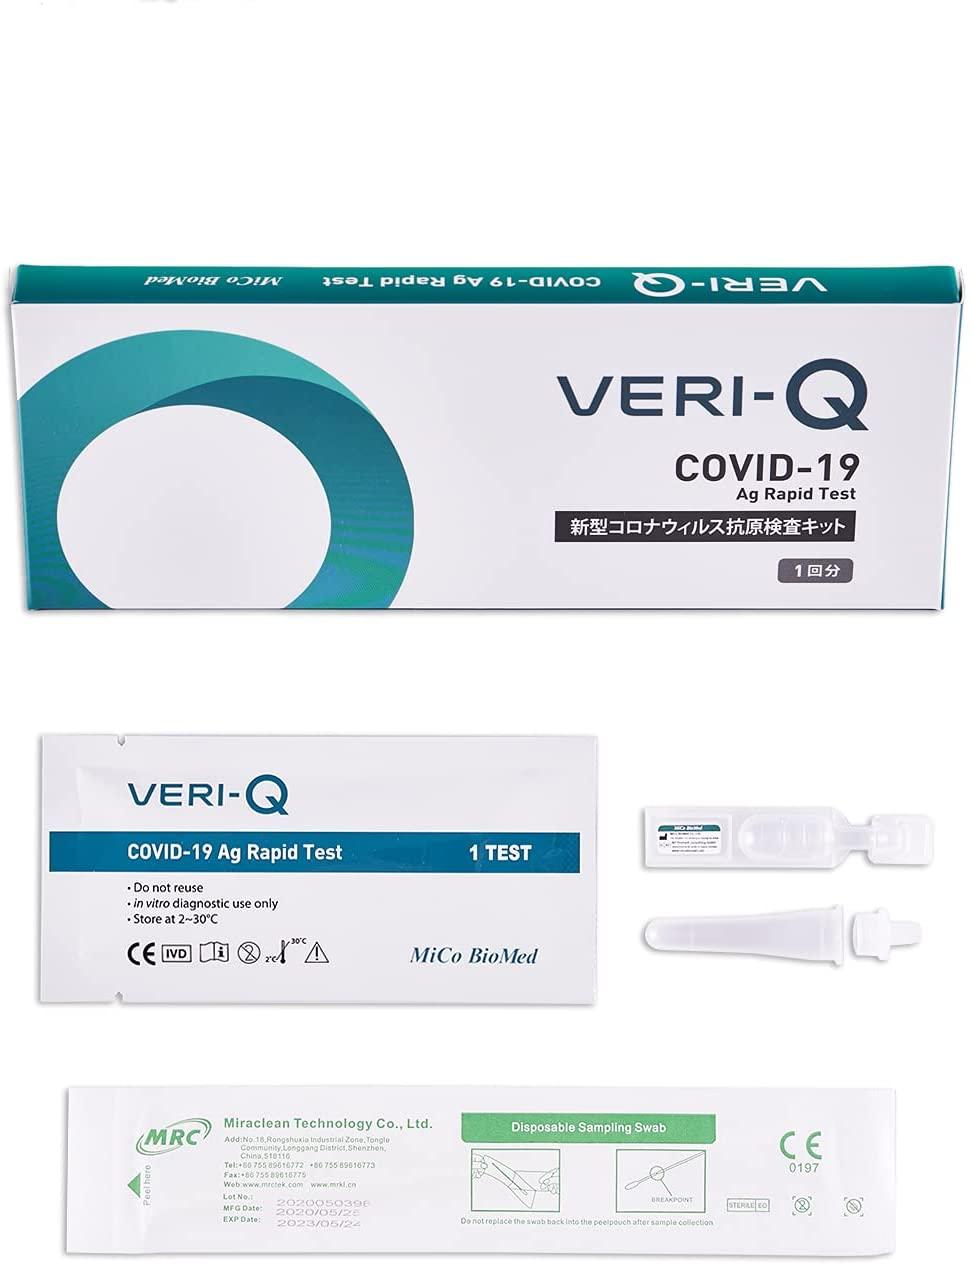 新型コロナ抗原検査キット VERI-Q ベリキュー が37%OFFの1880円。657円でジョークグッズも販売中。